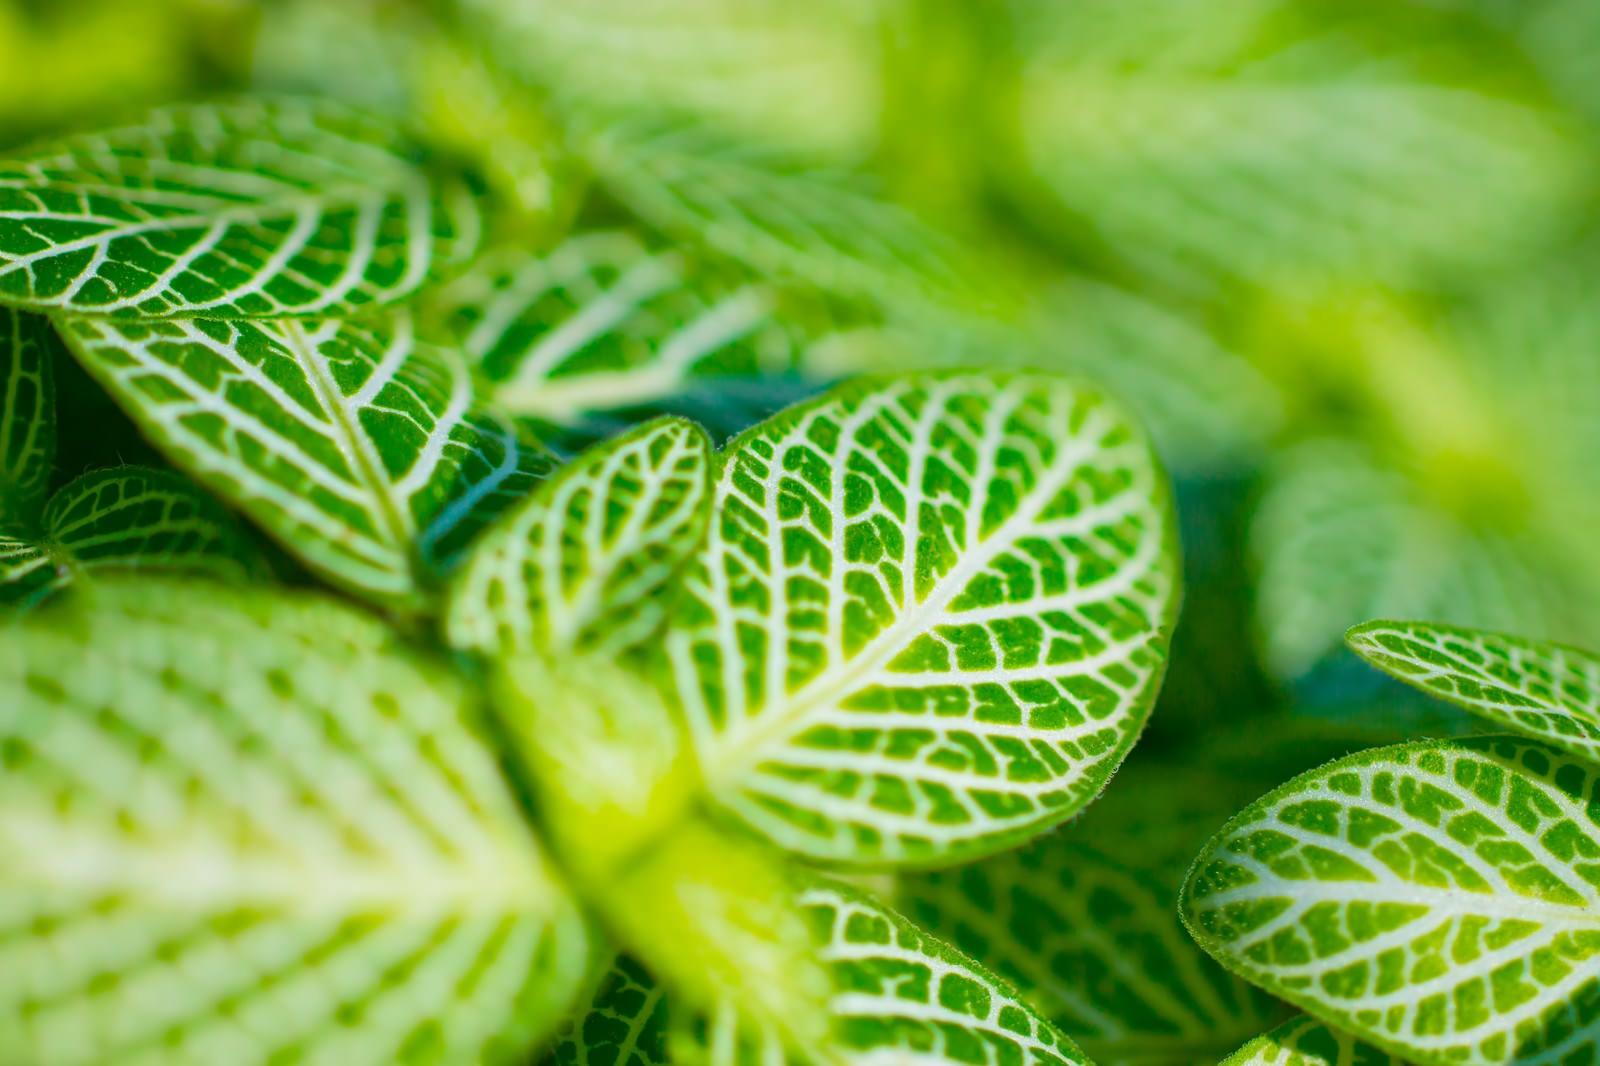 「緑の葉っぱ」の写真